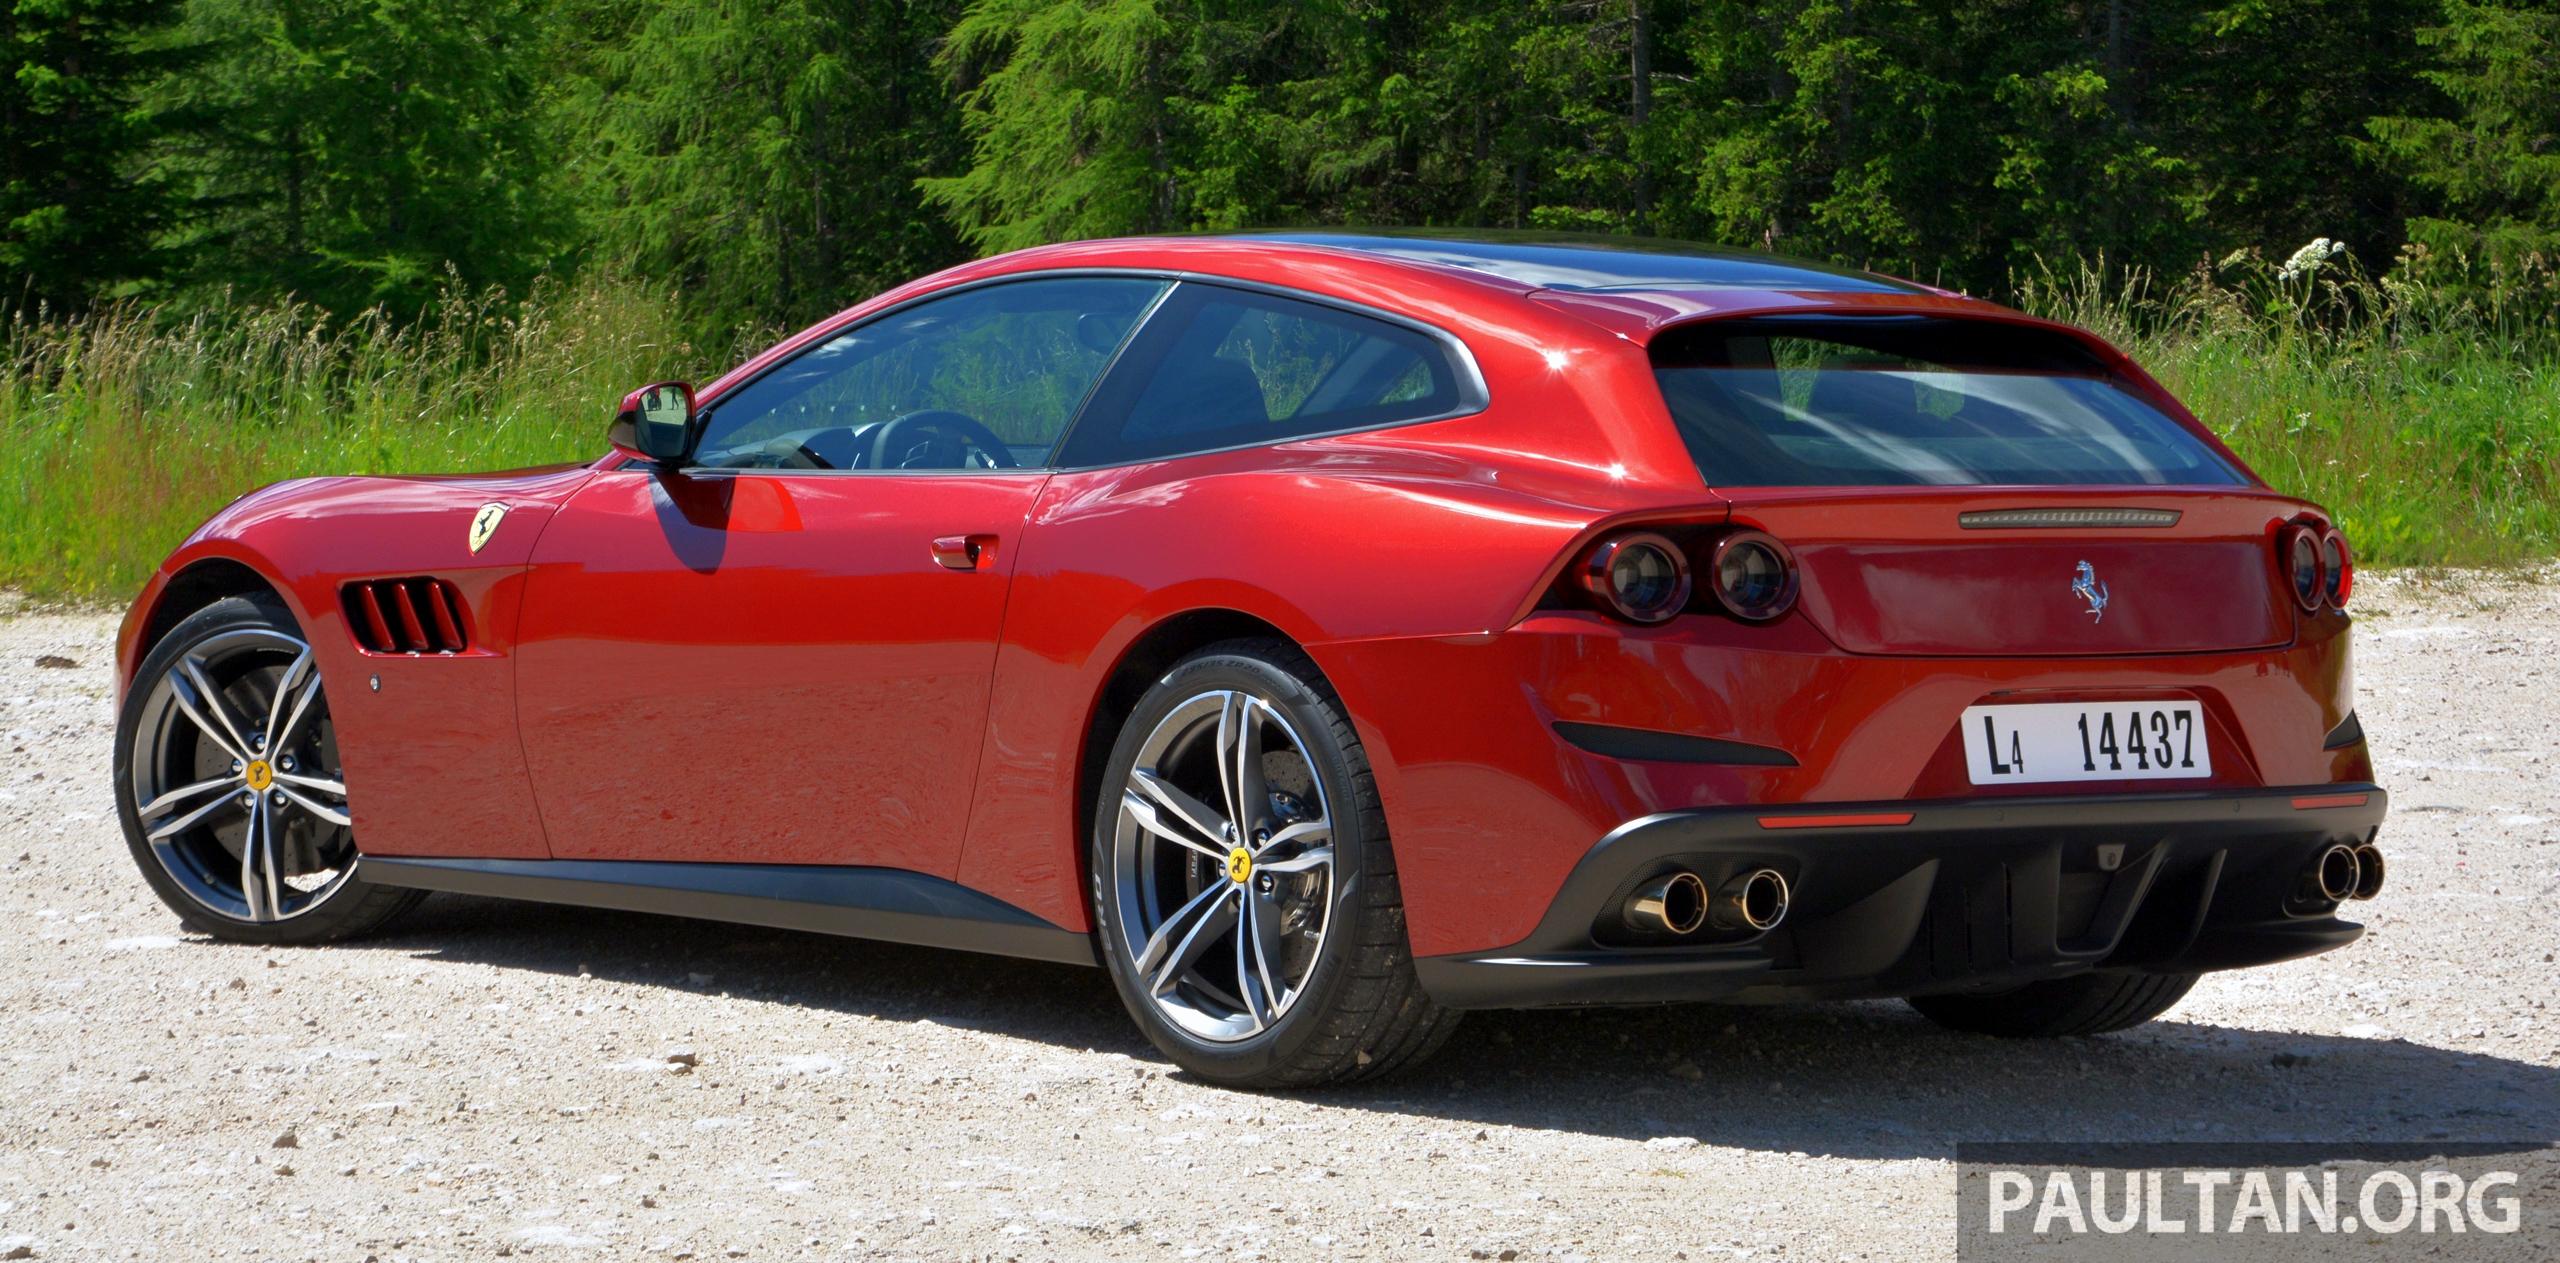 Ferrari Gtc4lusso Brunico 8 Paul Tan S Automotive News